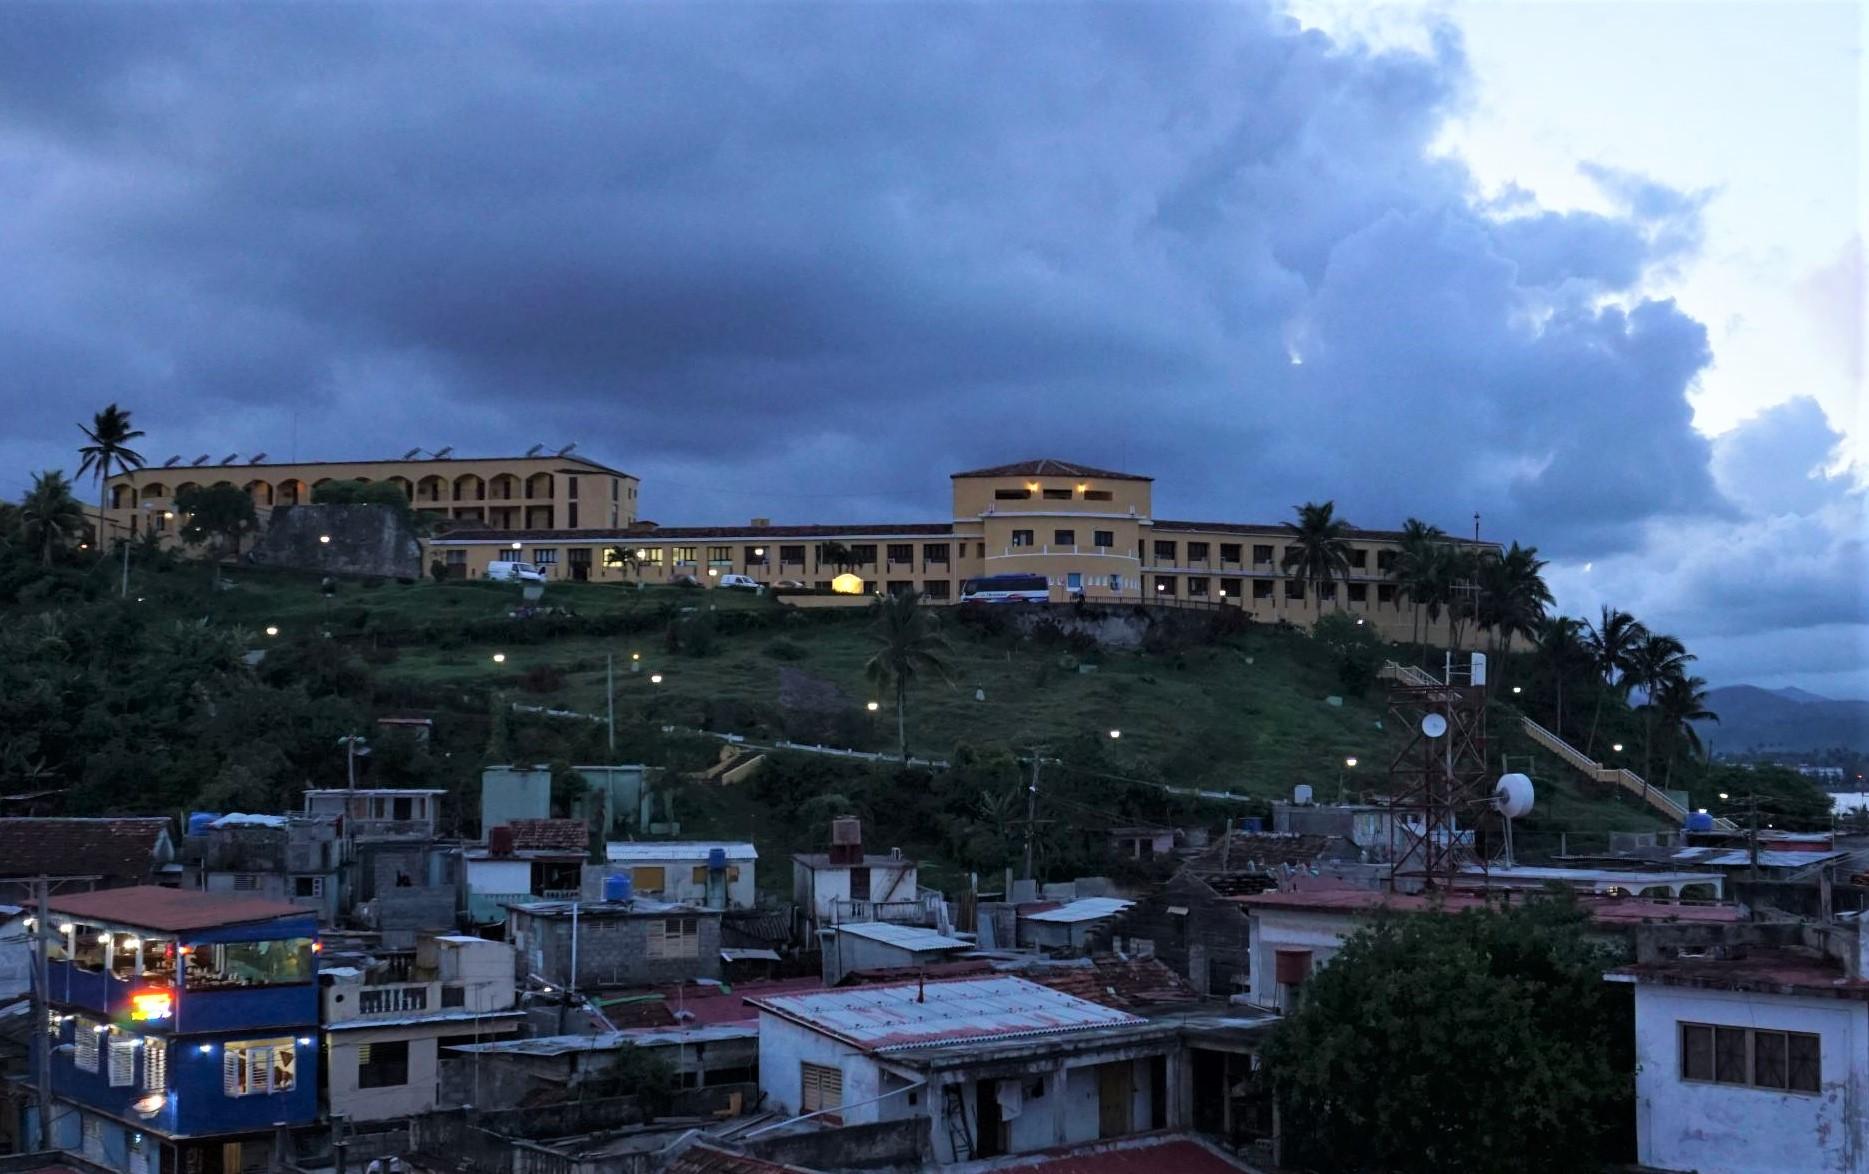 Widok na Hotel El Castillo